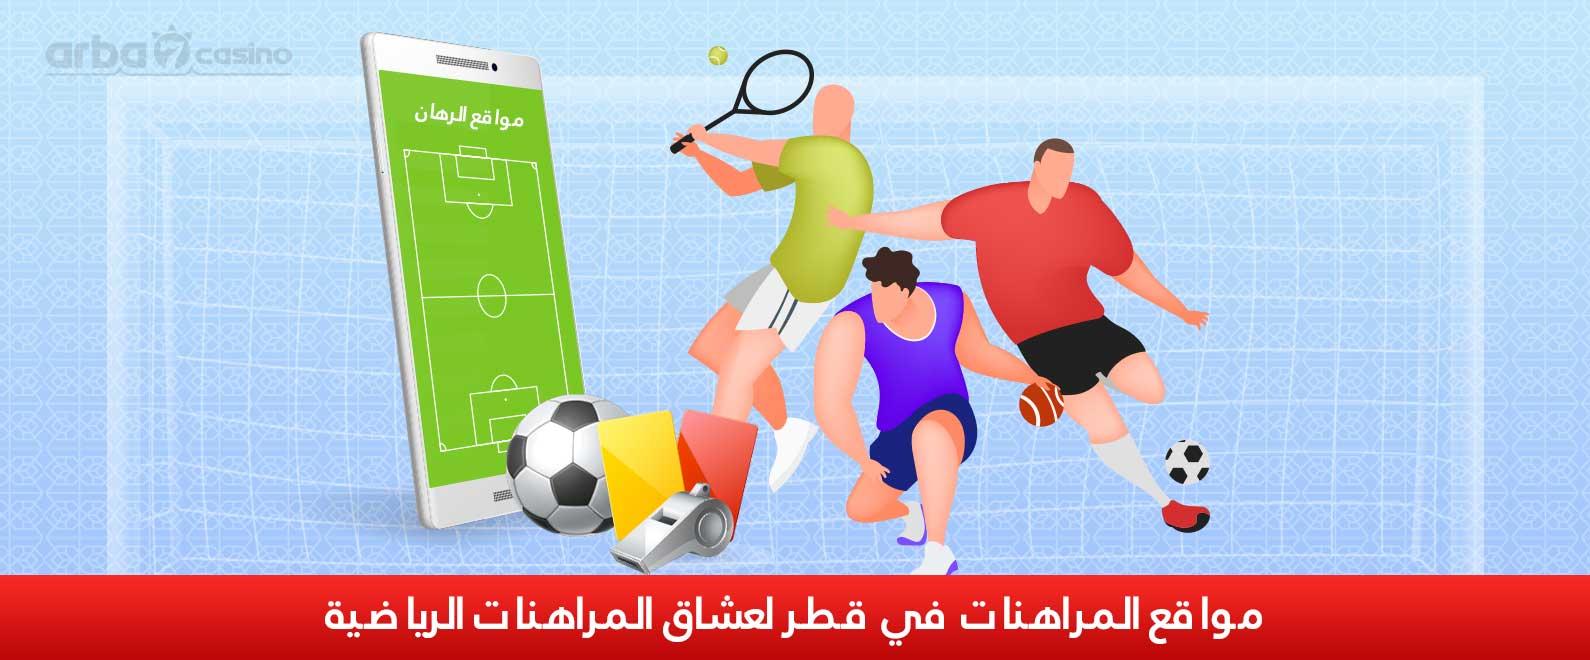 المراهنات الرياضية في قطر